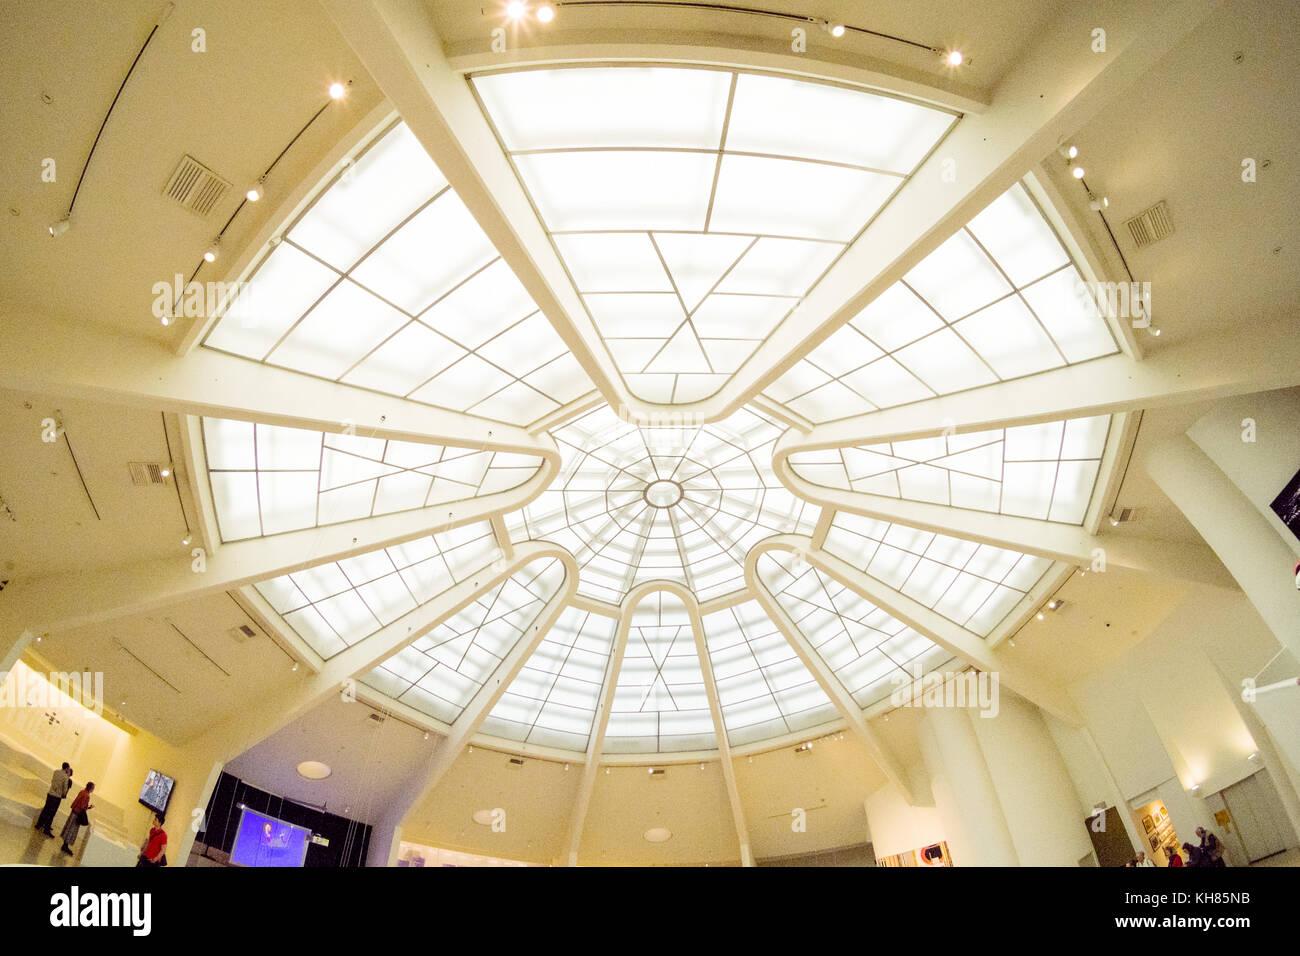 Lucernario Central Museo Guggenheim, la Quinta Avenida, Manhattan, Ciudad de Nueva York, NY, Estados Unidos de América. Imagen De Stock